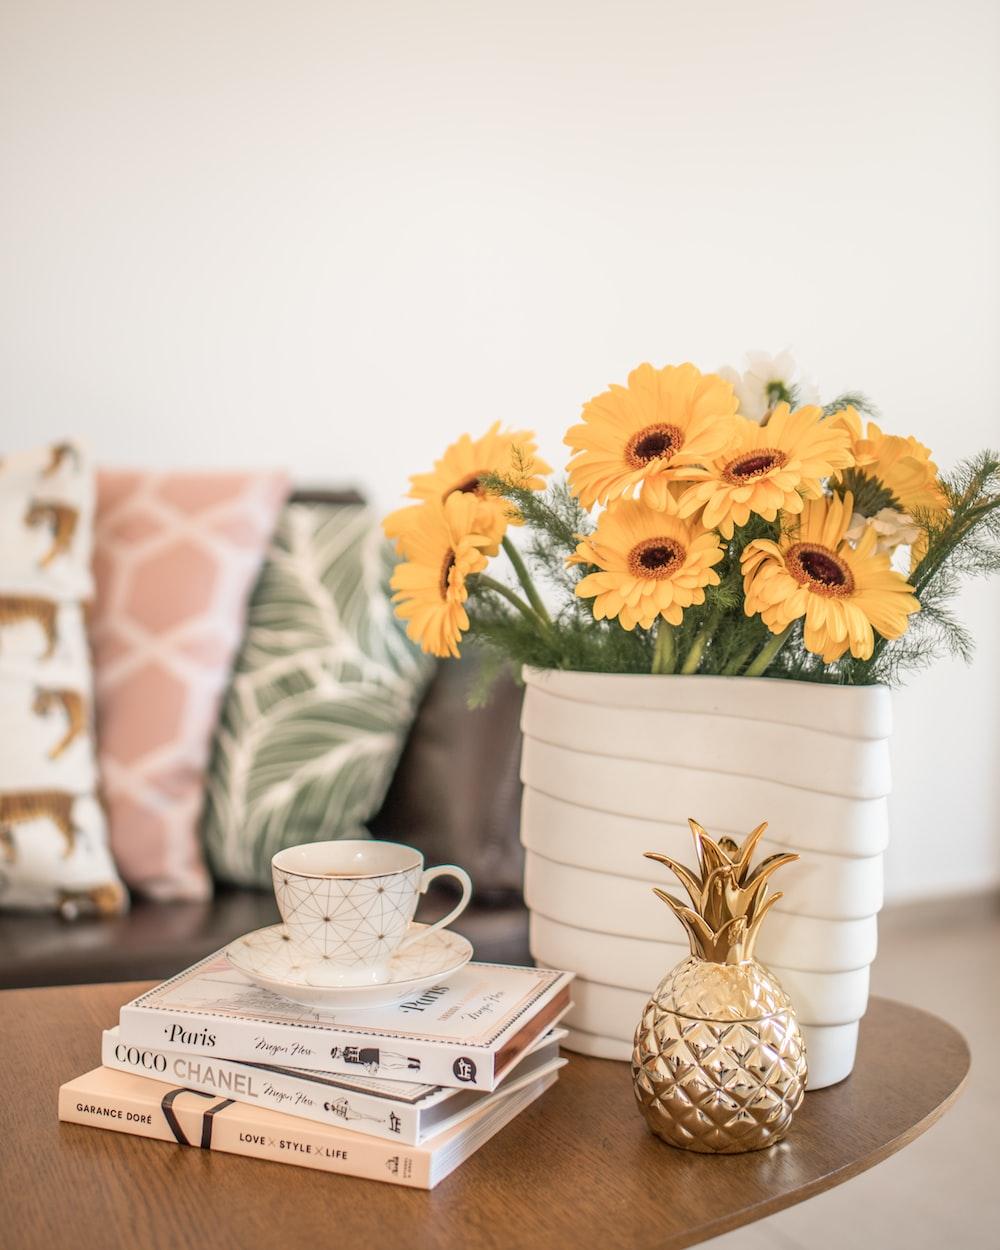 yellow flower on white ceramic vase